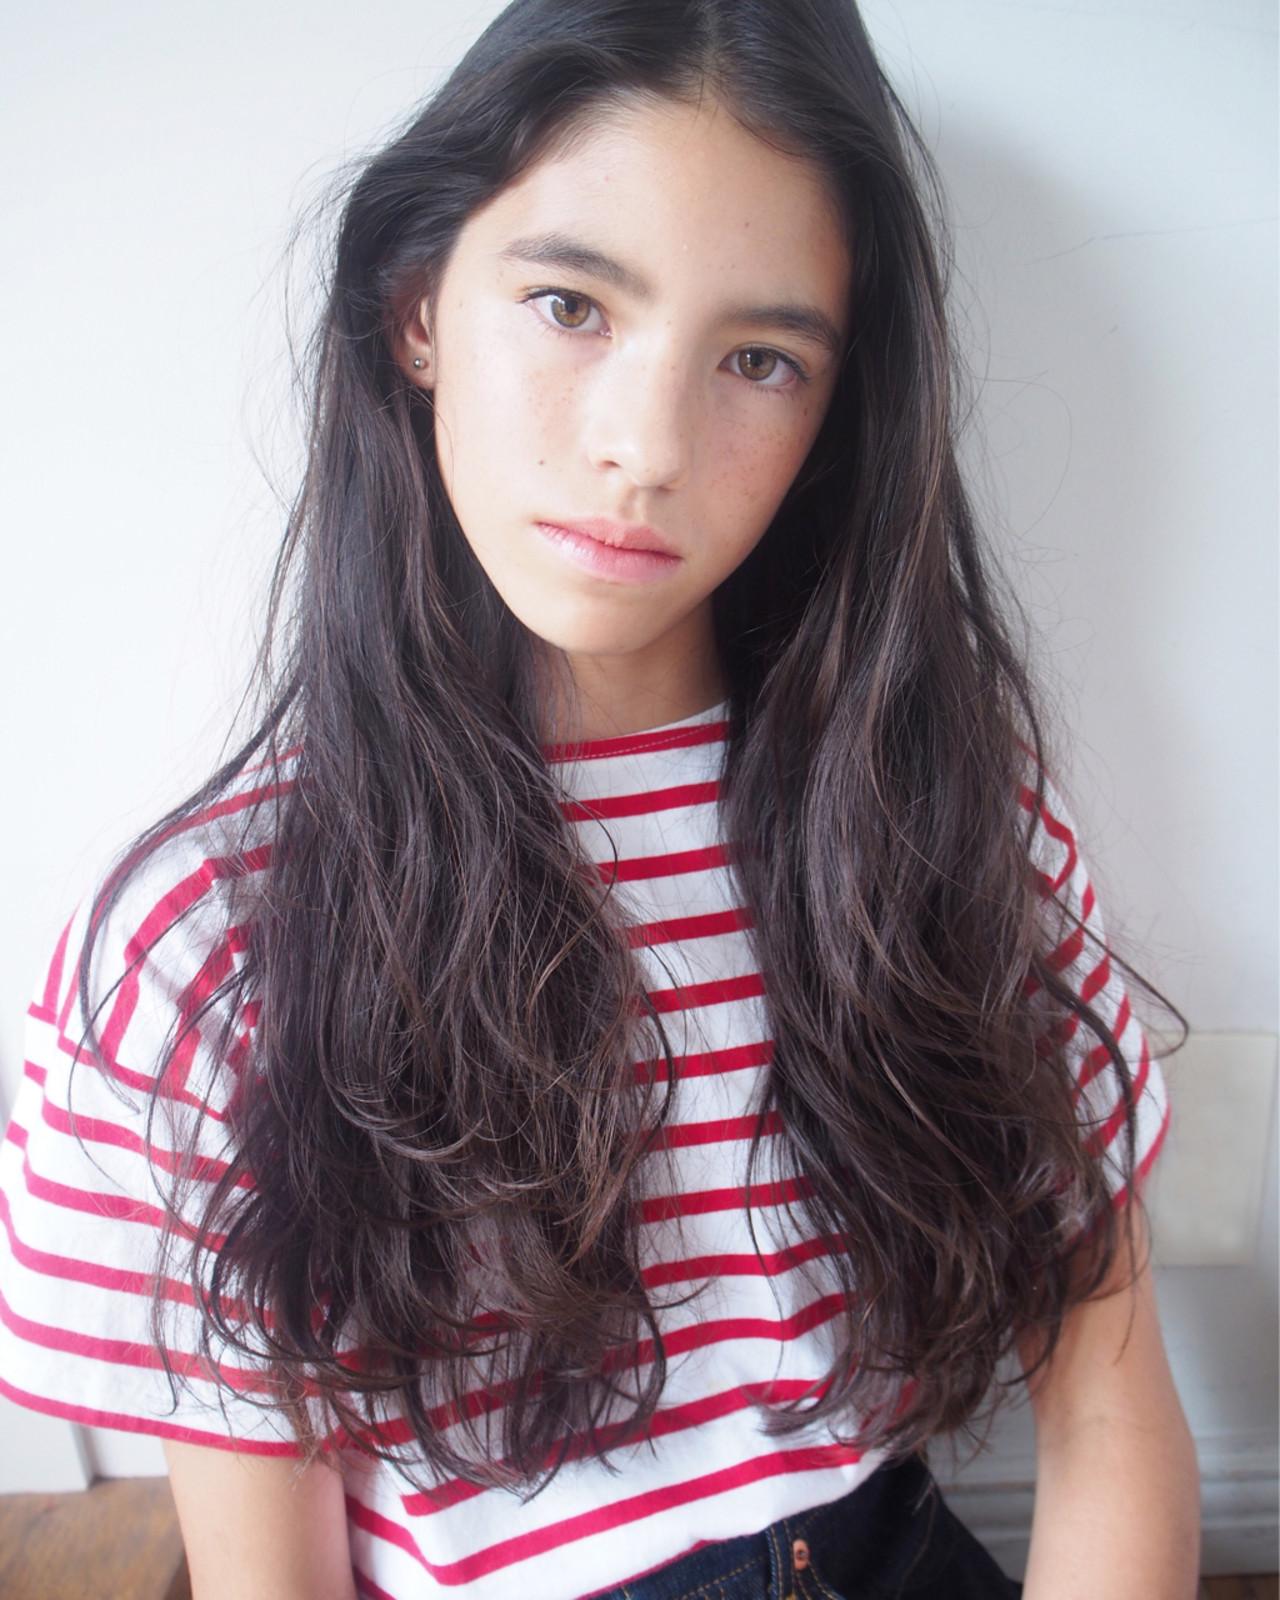 アッシュ ロング ナチュラル 外国人風 ヘアスタイルや髪型の写真・画像 | 鈴木 成治 / LOAVE AOYAMA(ローヴ アオヤマ)